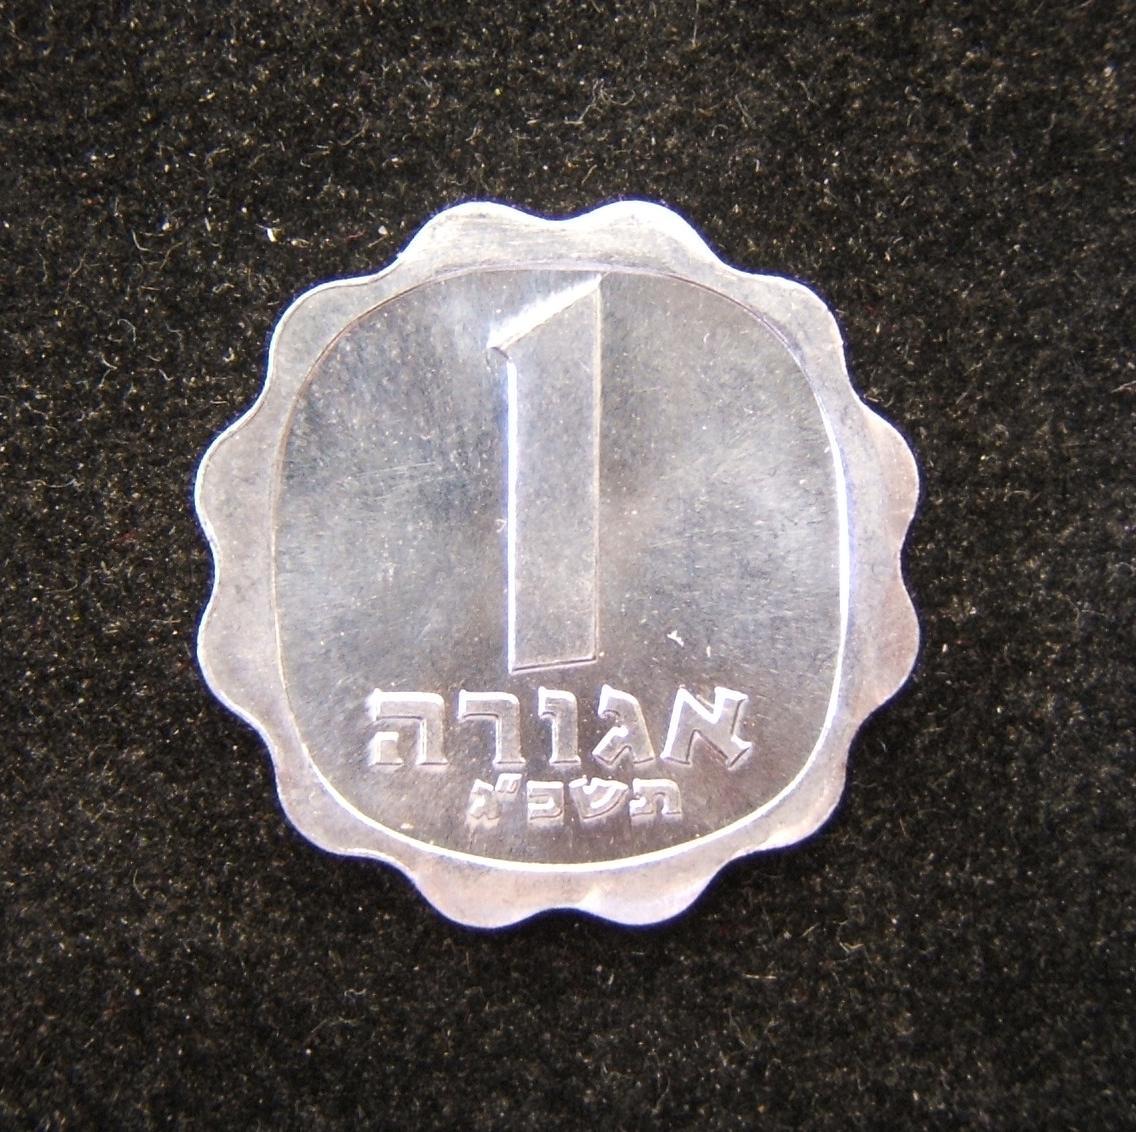 ישראלי 1 אגורה 1963 מטבע עם סיבוב למות (יישור מטבע), BU, IMM-A1-4a